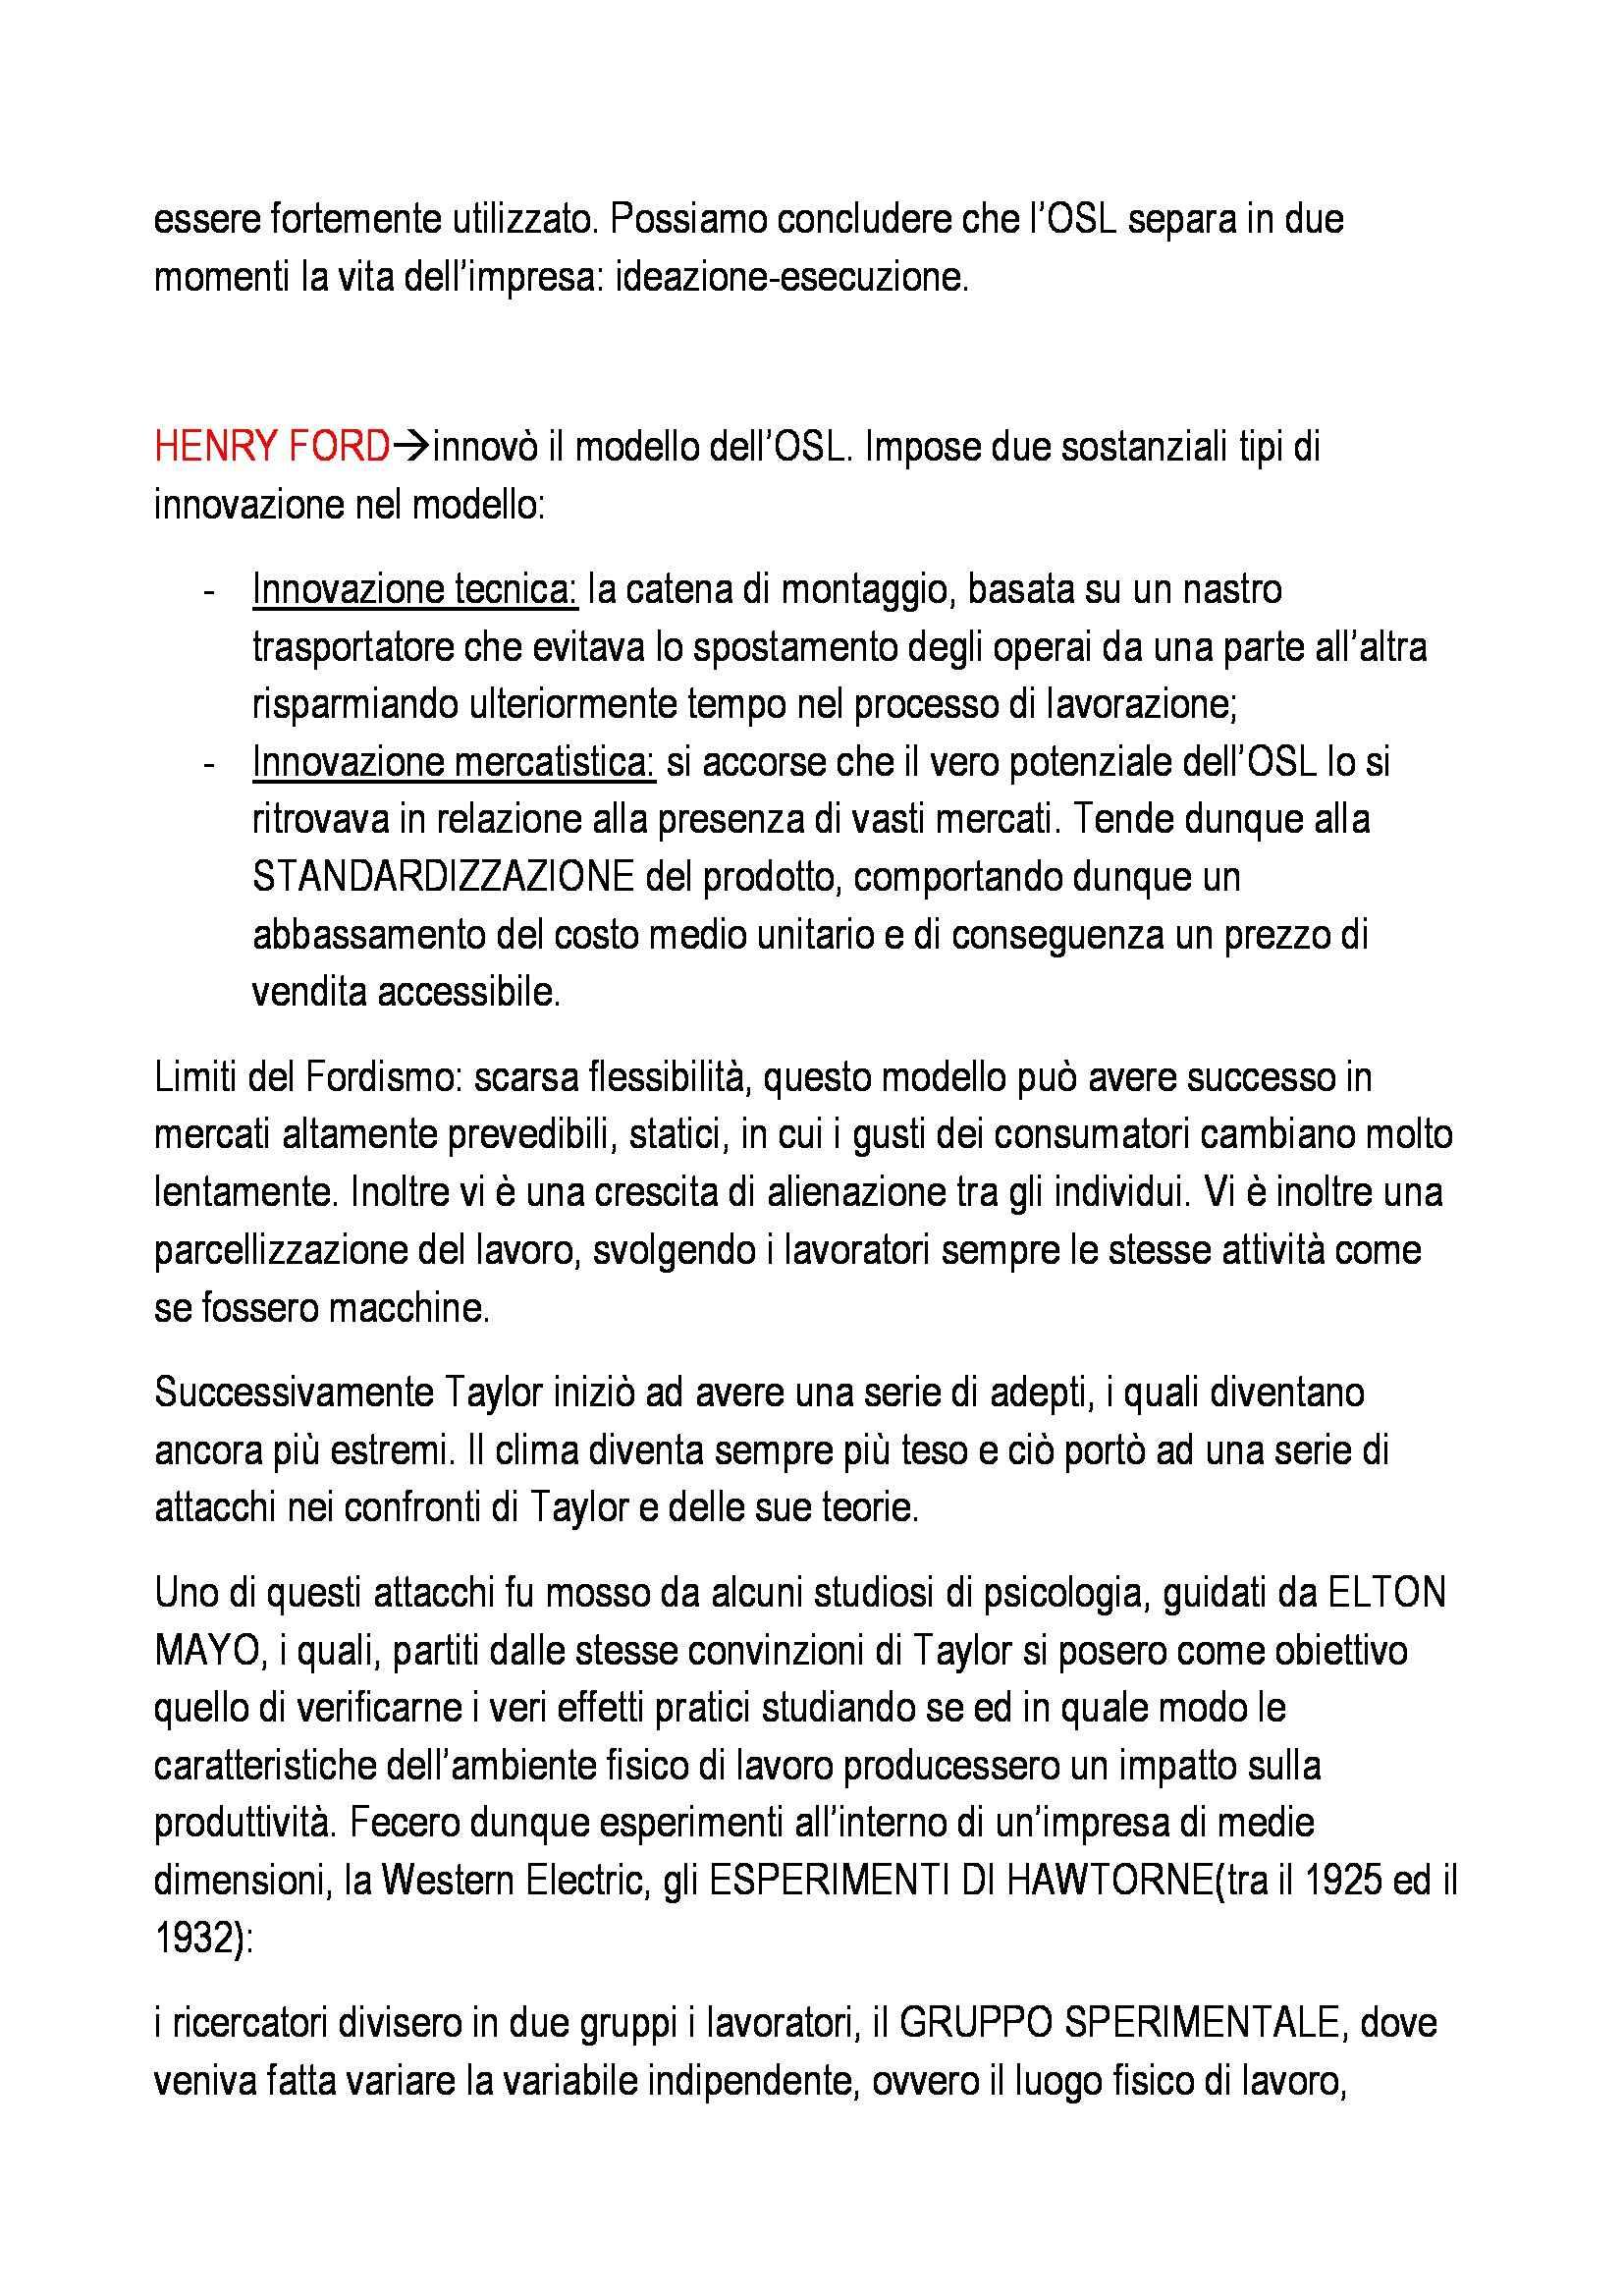 Organizzazione aziendale - Appunti Pag. 6